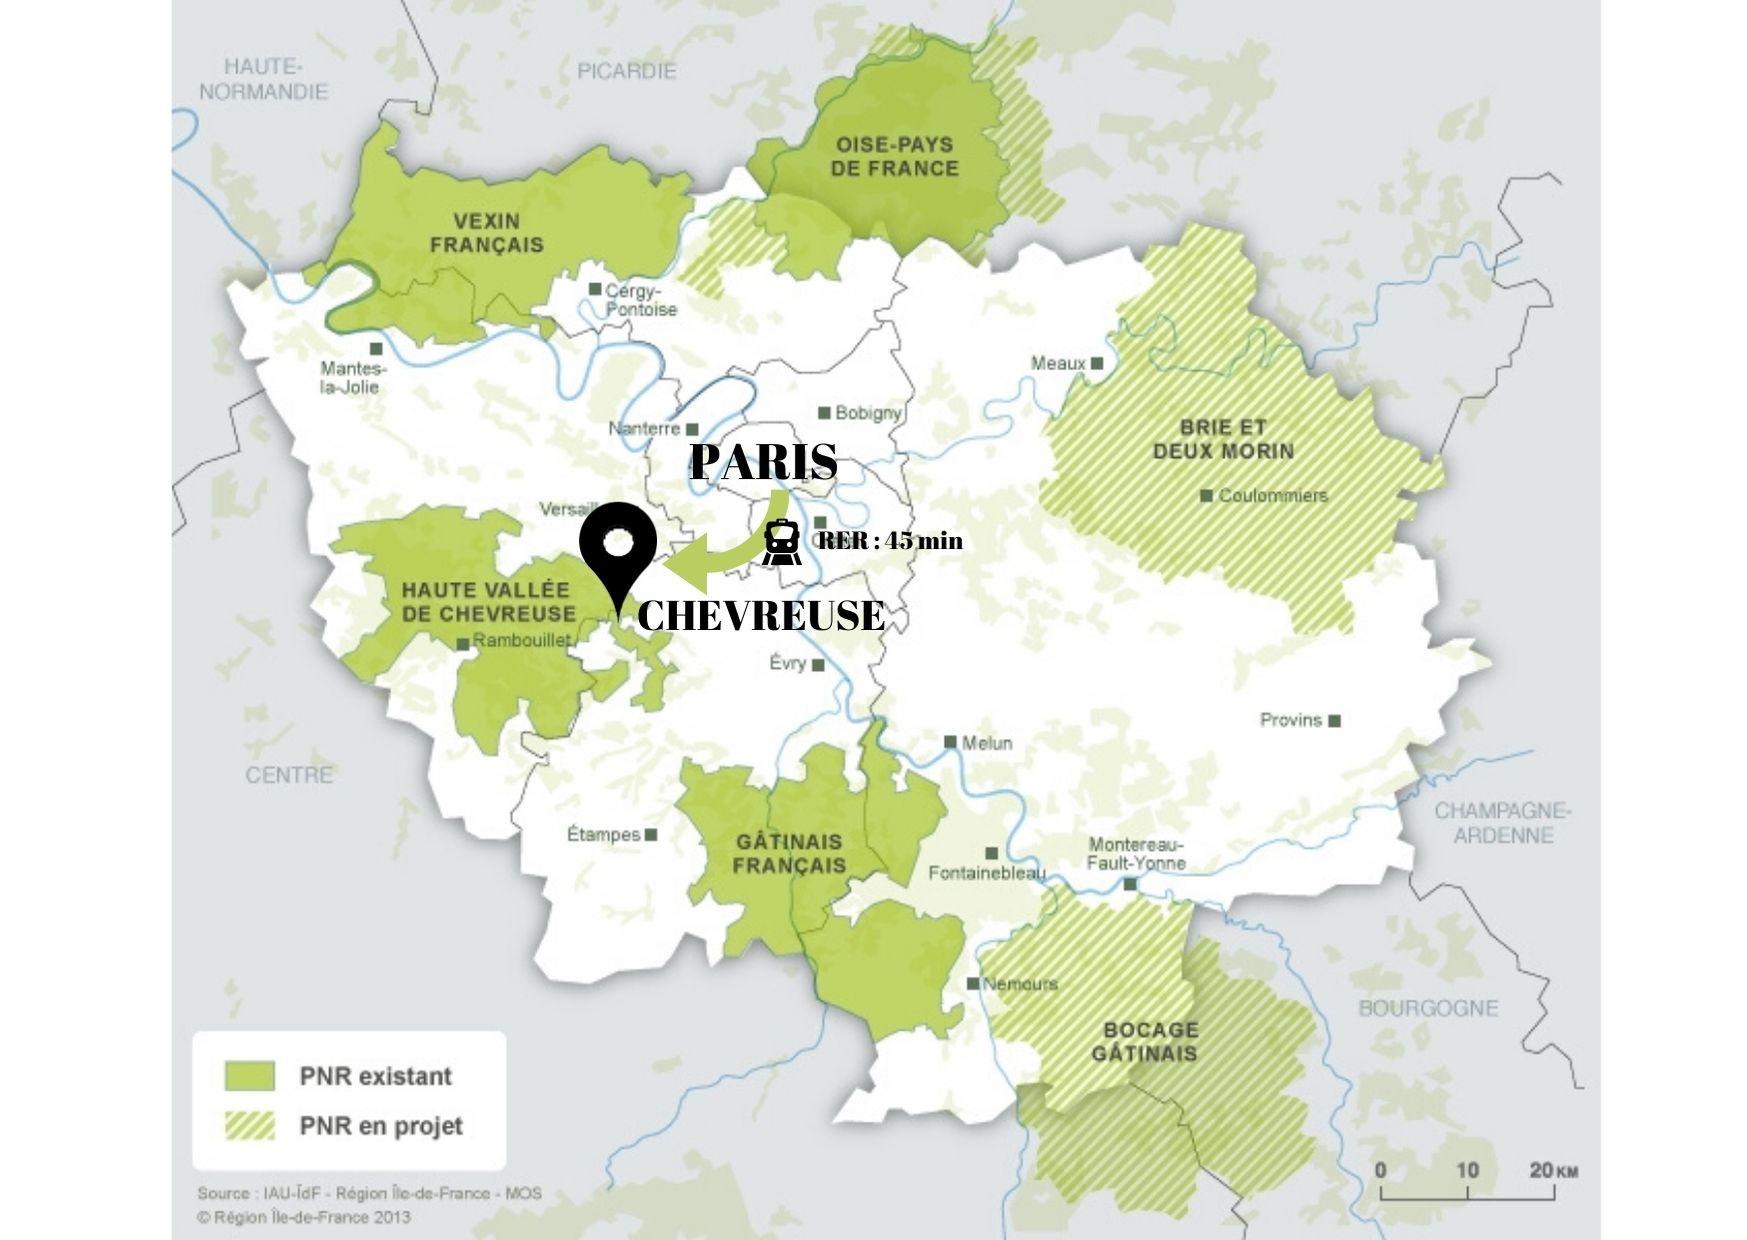 carte vallee de chevreuse depuis paris